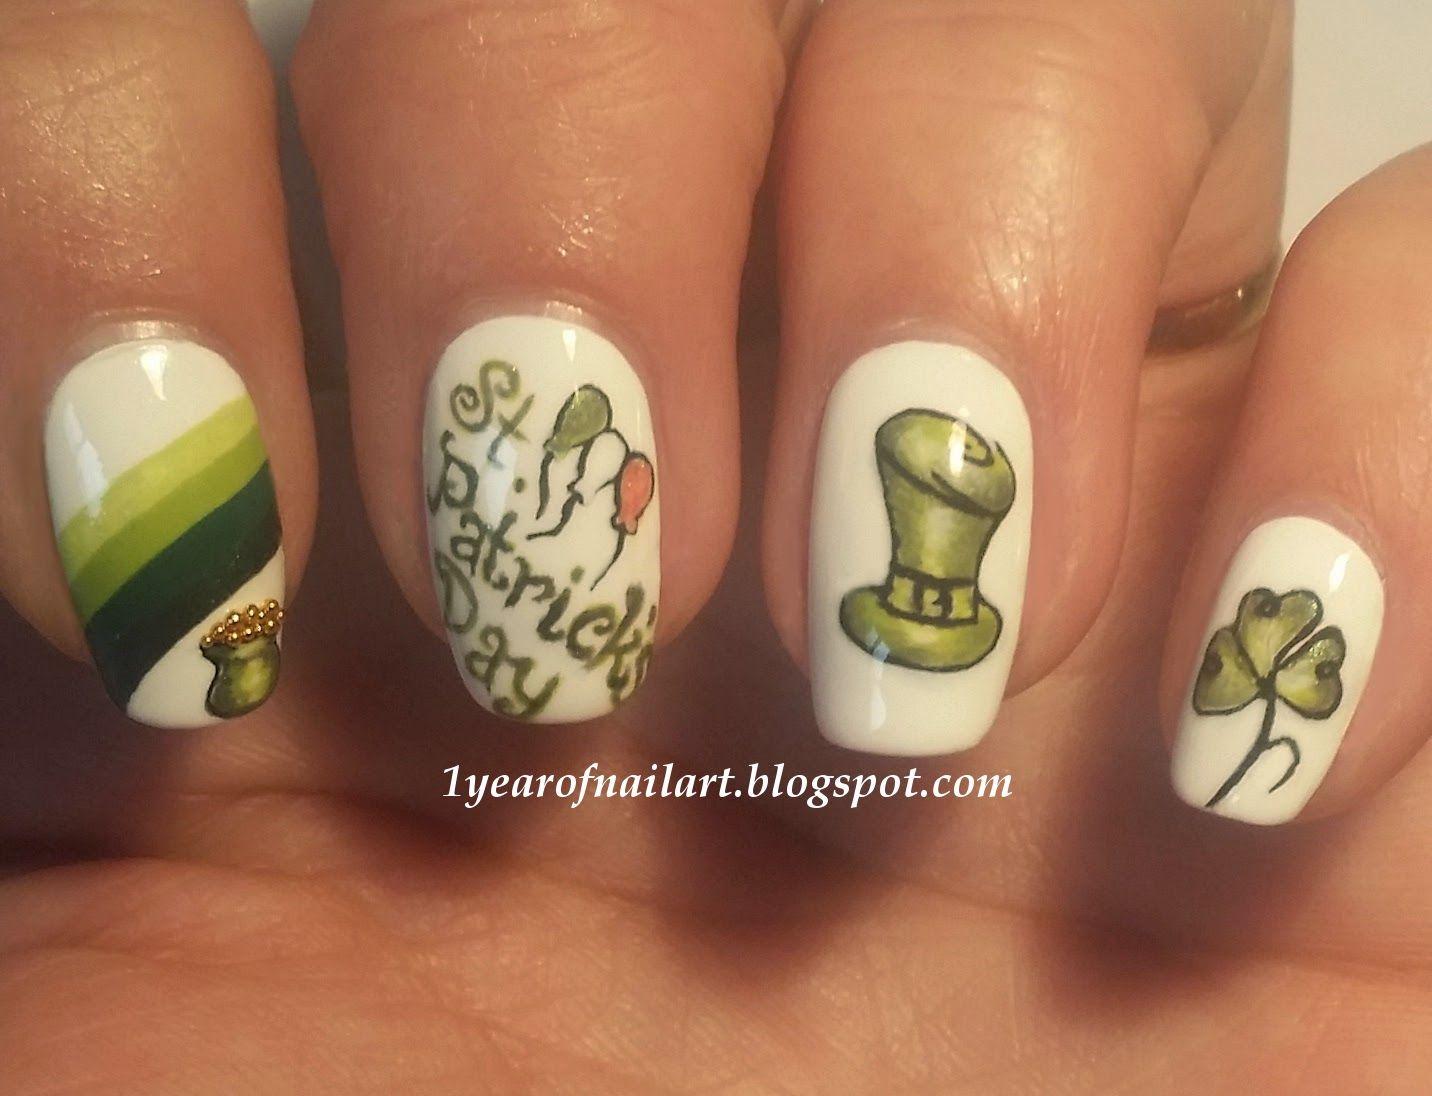 St. Patrick\'s Day nail art 1yearofnailart.blogspot.com | Nail Arts ...